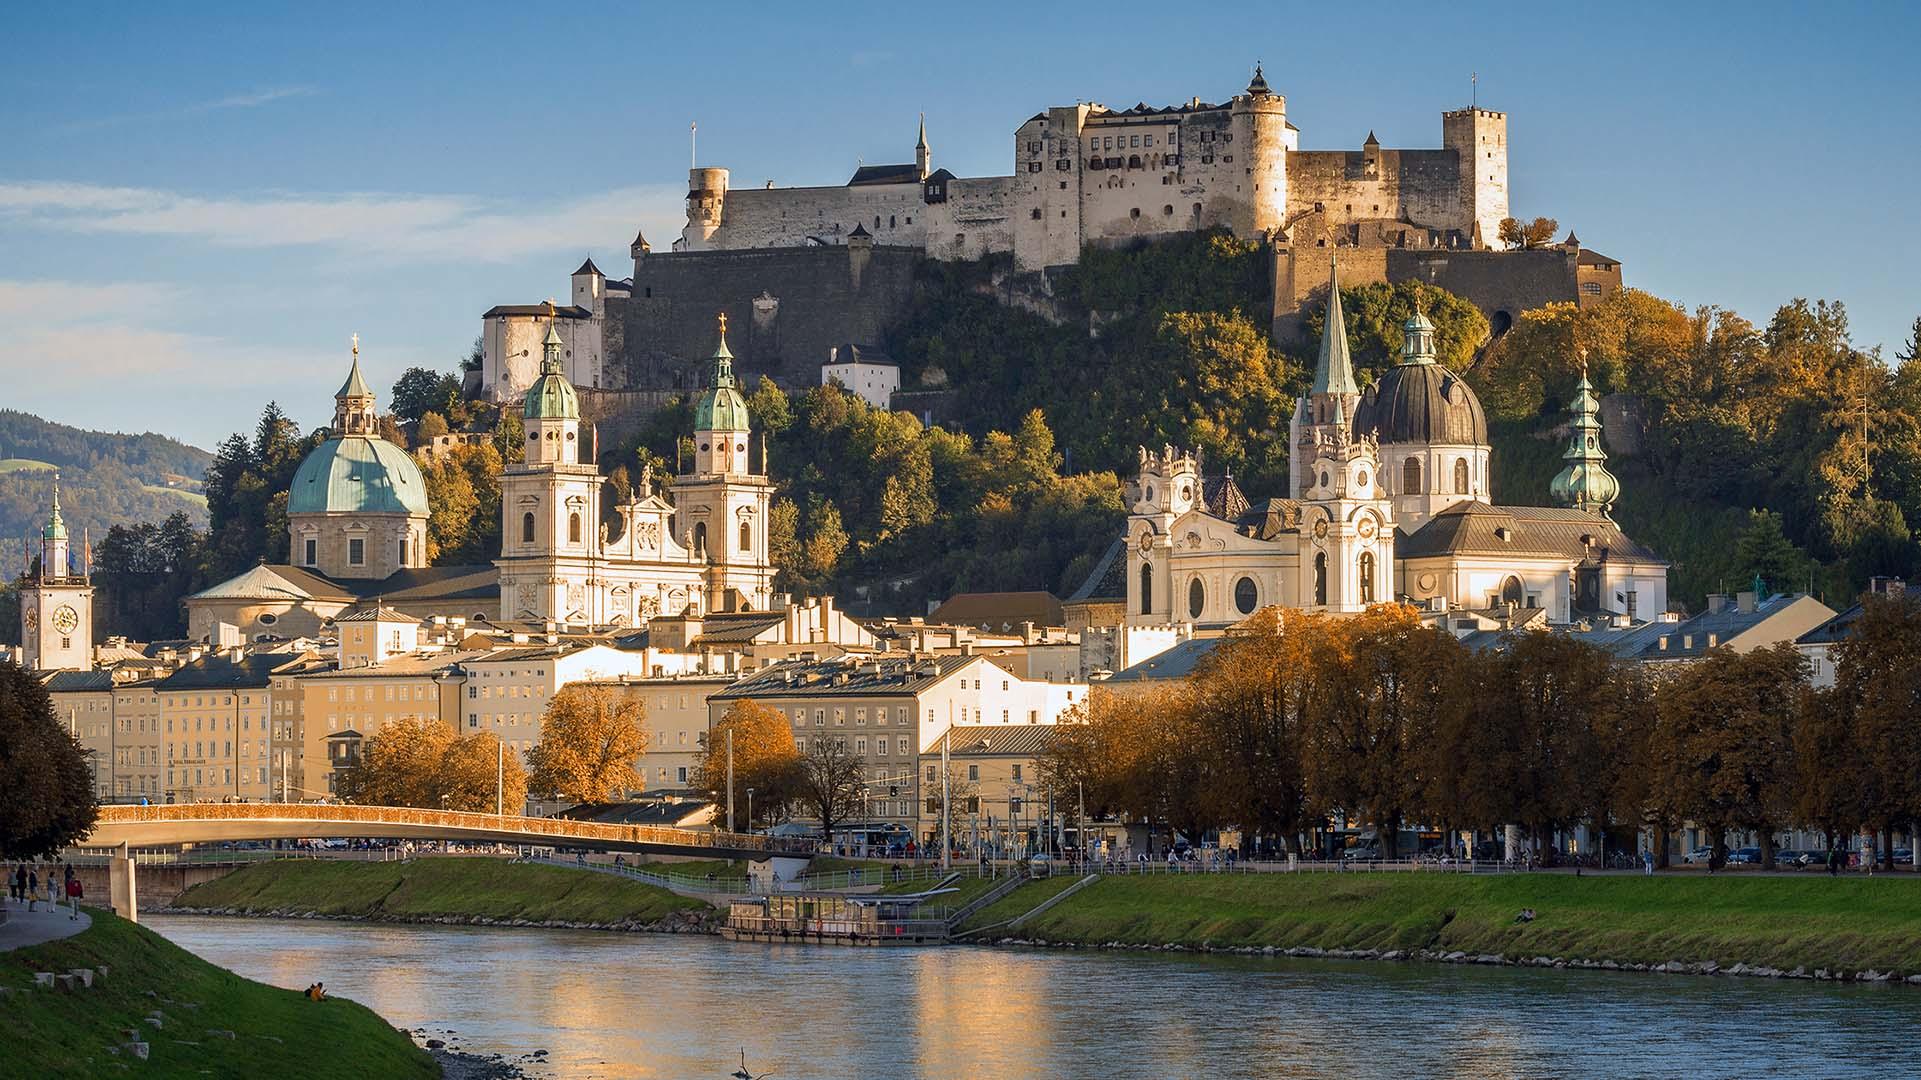 Kulisse von Salzburg mit Blick auf die Salzach und die Festung Hohensalzburg